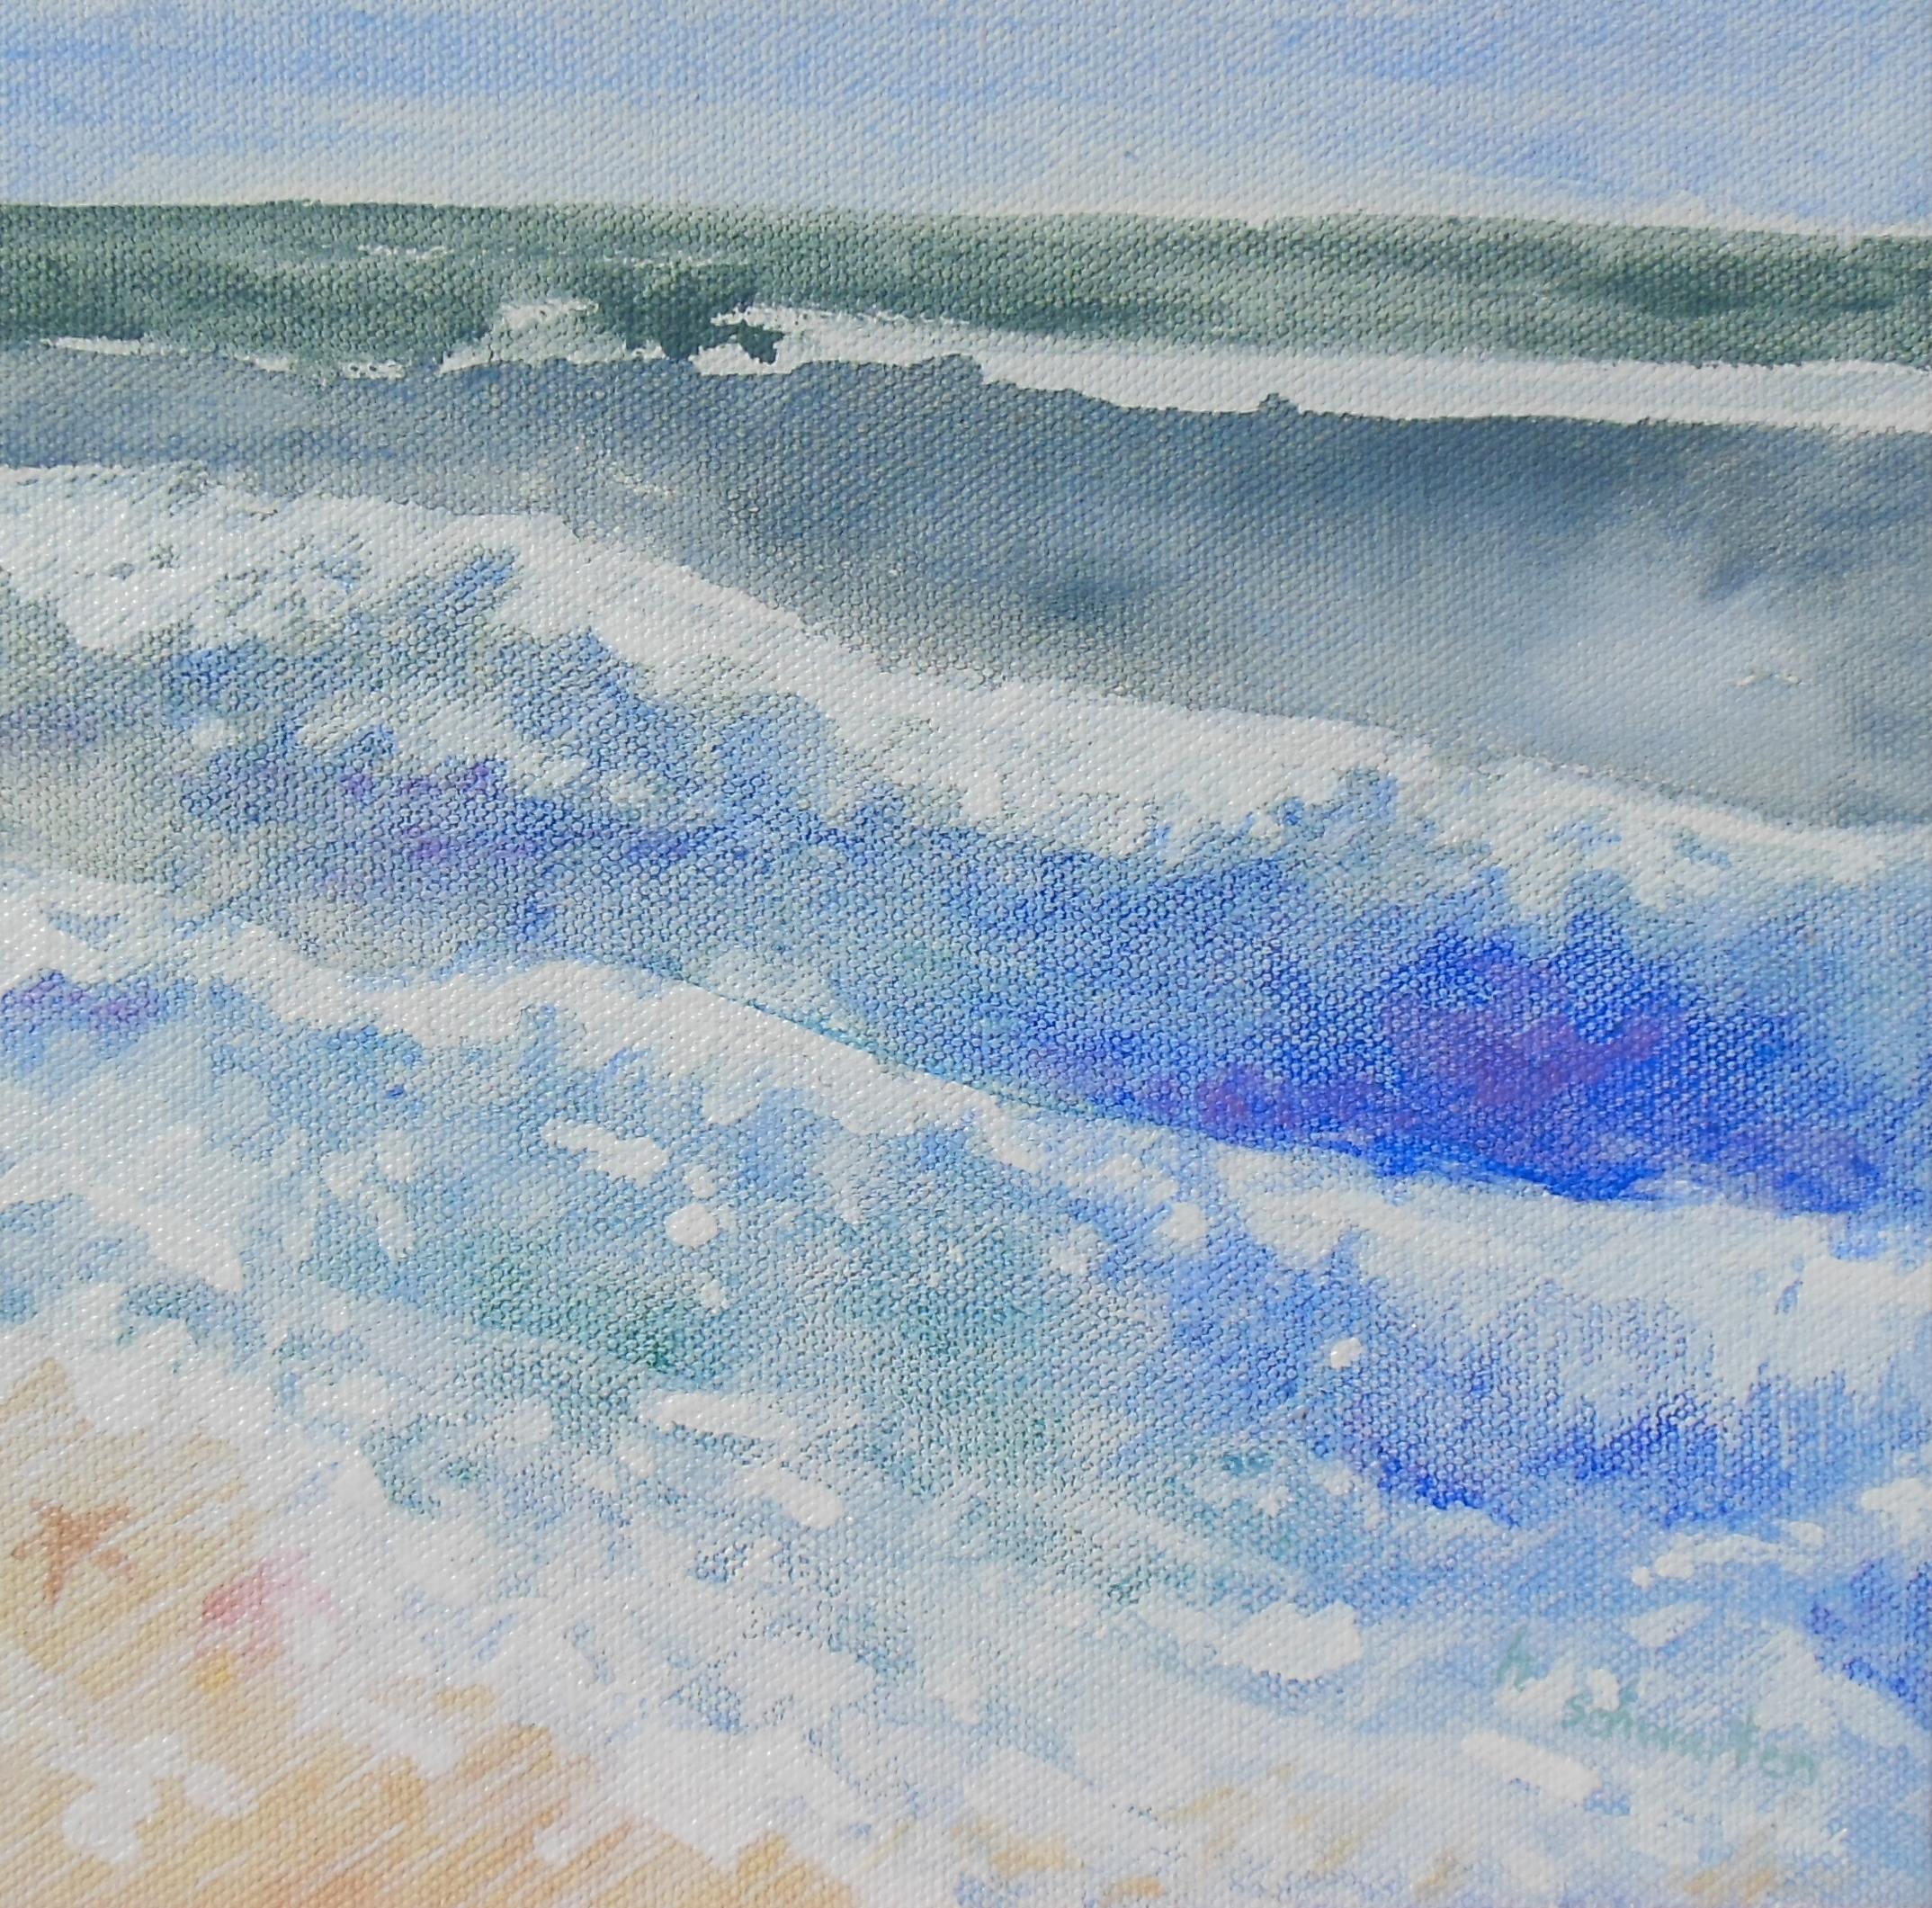 Seabrook Surf